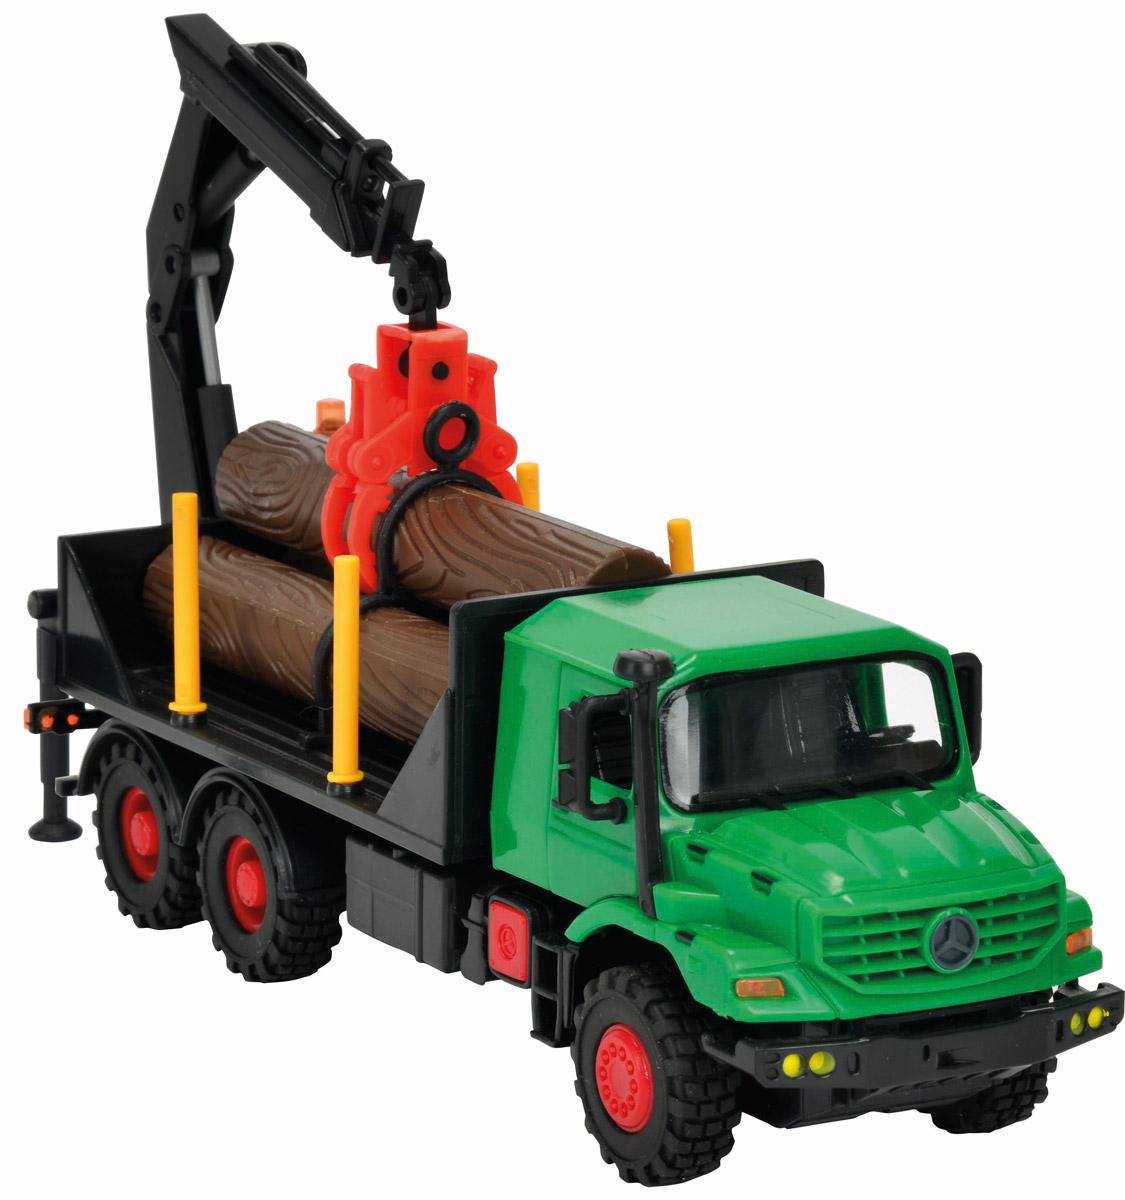 Dickie Toys Грузовик с манипулятором Mercedes-Benz Zetros3824007Грузовик с манипулятором Dickie Toys Mercedes-Benz Zetros непременно понравится вашему ребенку. Игрушка выполнена из прочного пластика в виде уменьшенной копии мощного грузовика с механическим манипулятором Mercedes-Benz Zetros в масштабе 1:43. Дверцы кабины и капот открываются, манипулятор сгибается и поворачивается, клешни манипулятора раздвигаются. Прорезиненные колеса обеспечивают отличное сцепление с любой поверхностью пола. Машинка оснащена инерционным механизмом: достаточно немного подтолкнуть машинку вперед или назад, а затем отпустить, и она сама поедет в этом же направлении. В комплекте с машинкой идут три пластиковых бревна, которые можно использовать для погрузки и разгрузки. С этой игрушкой ваш малыш будет часами занят игрой. Порадуйте его таким замечательным подарком!